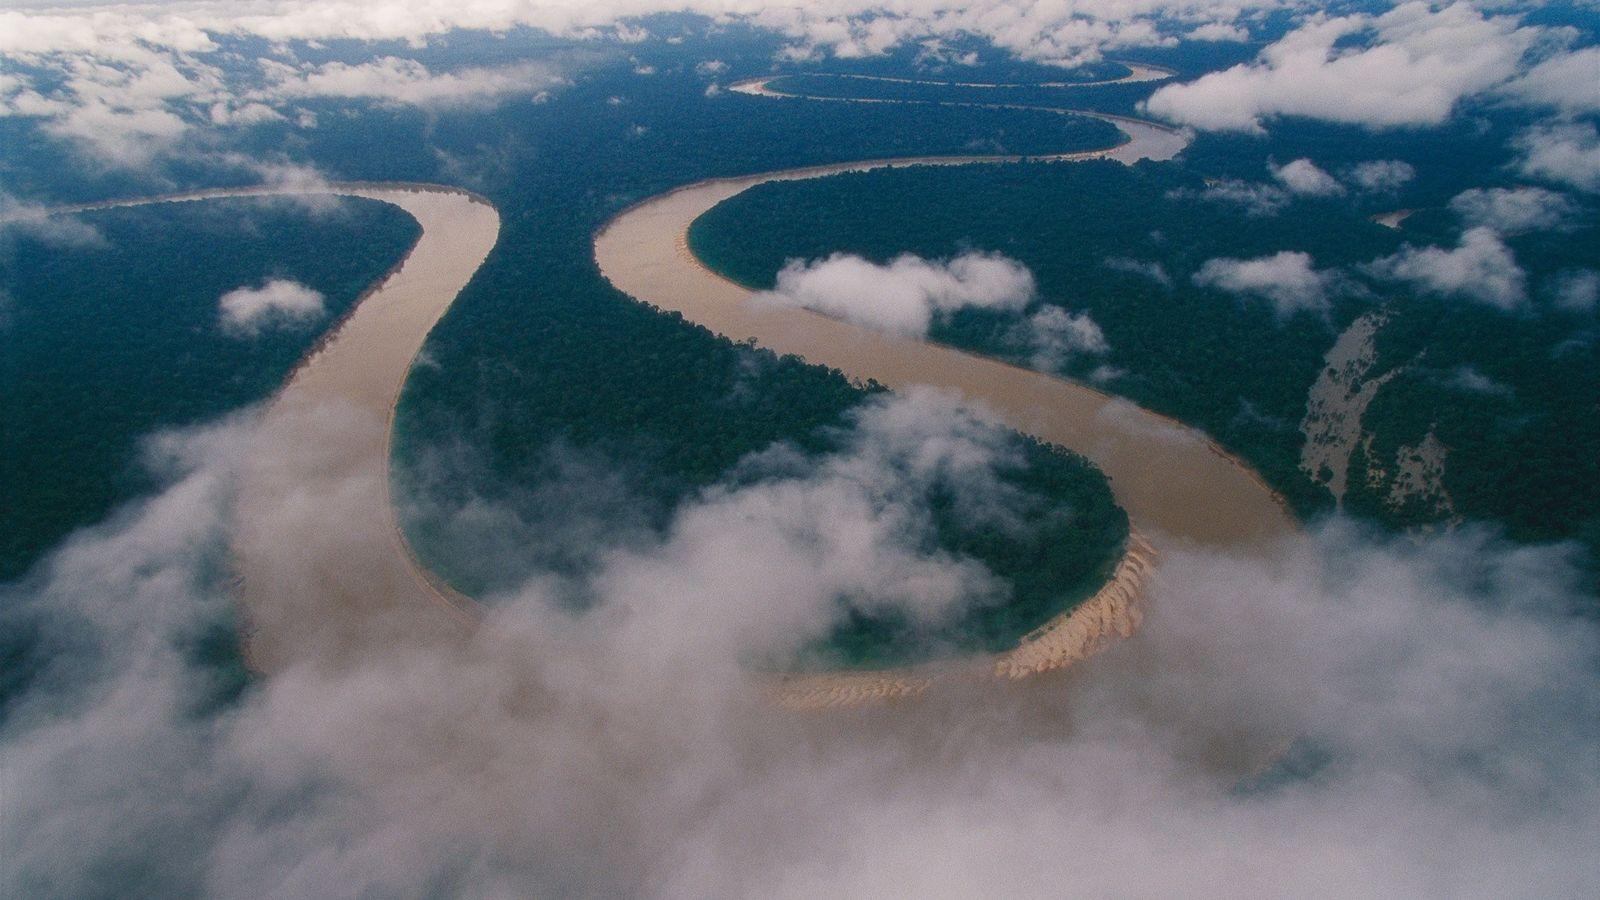 El río Itaquaí atraviesa la región amazónica del extremo oeste de Brasil y desemboca en el ...